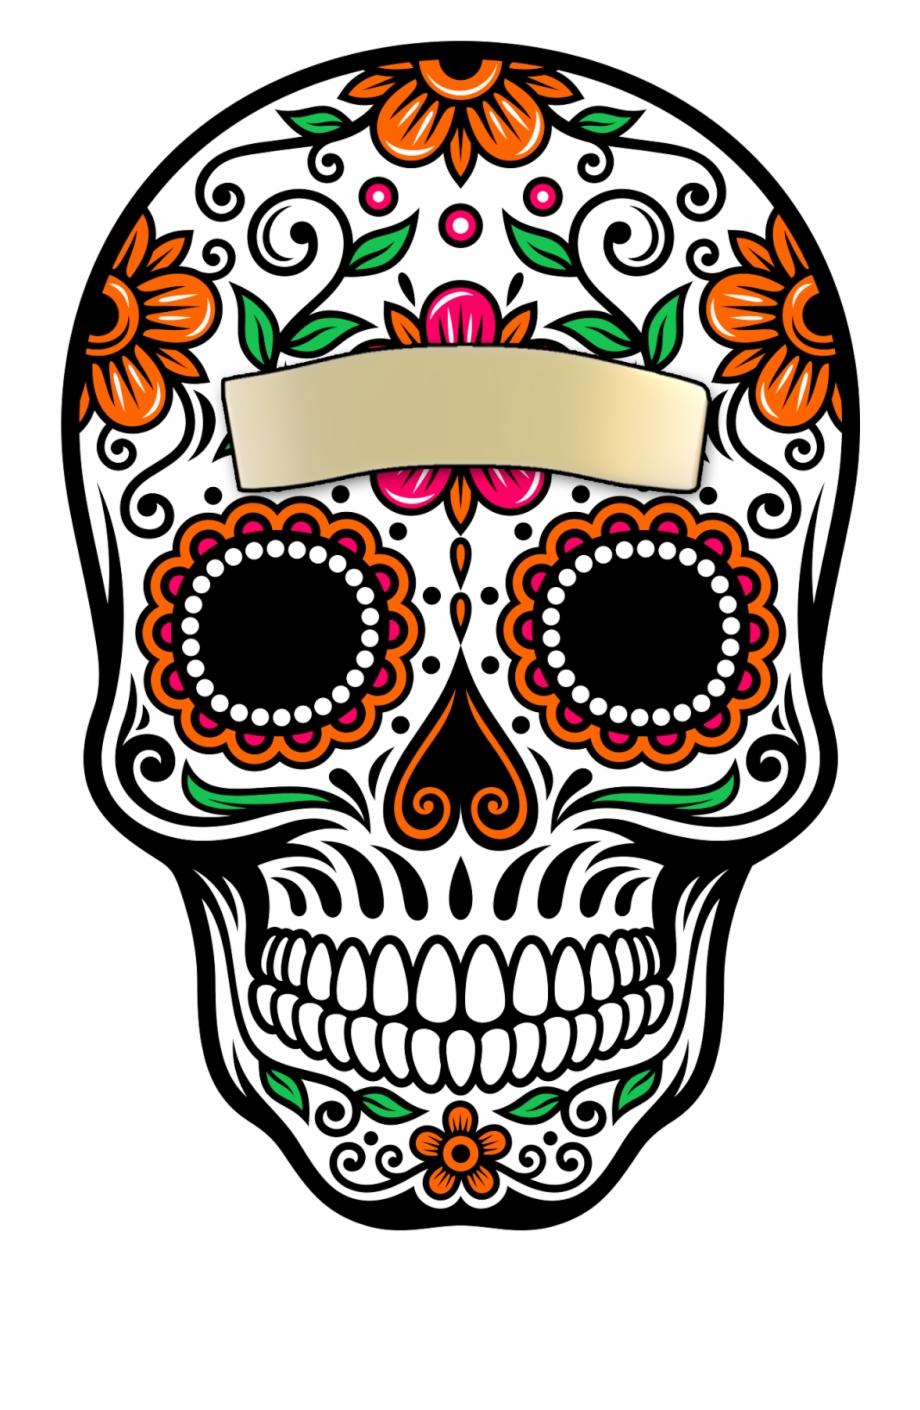 Skull La Calavera Catrina Dead Paper Of Clipart Day Of The